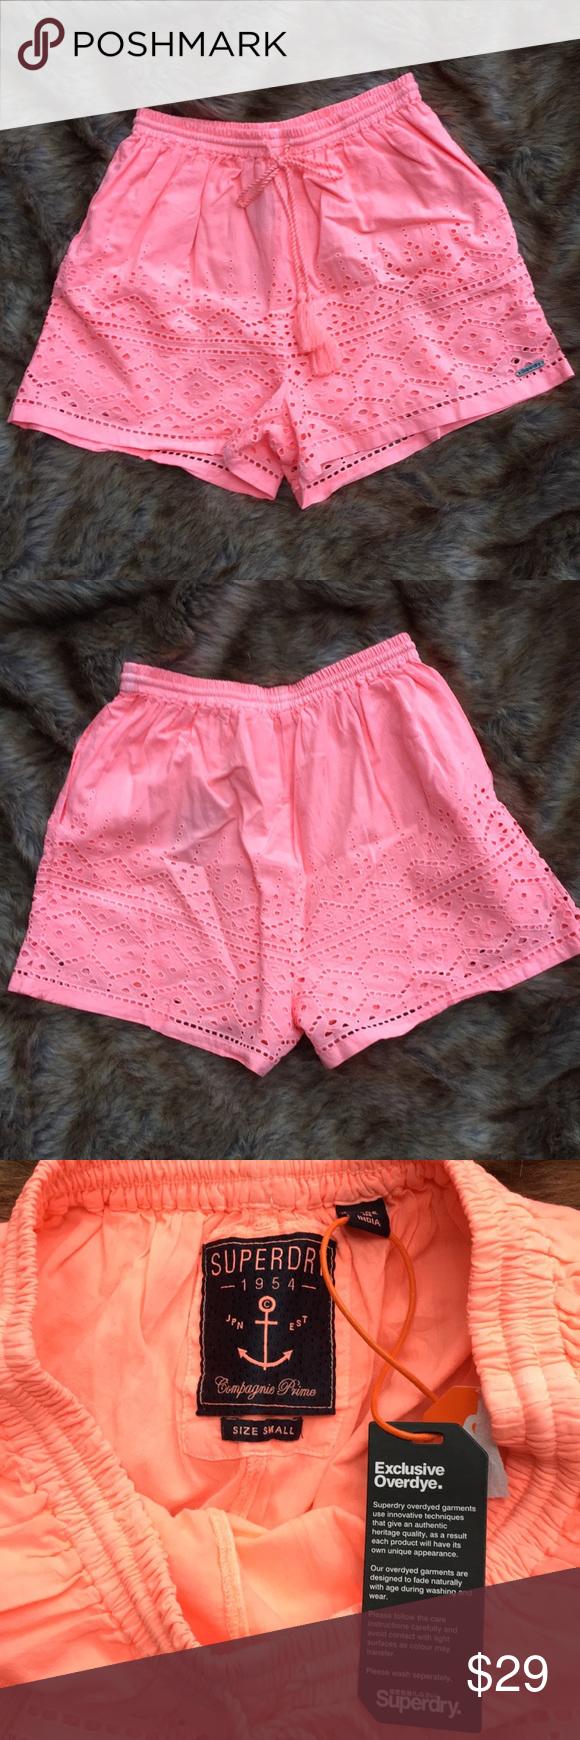 New Womens Superdry Pier Schiffli Shorts Fluro Coral